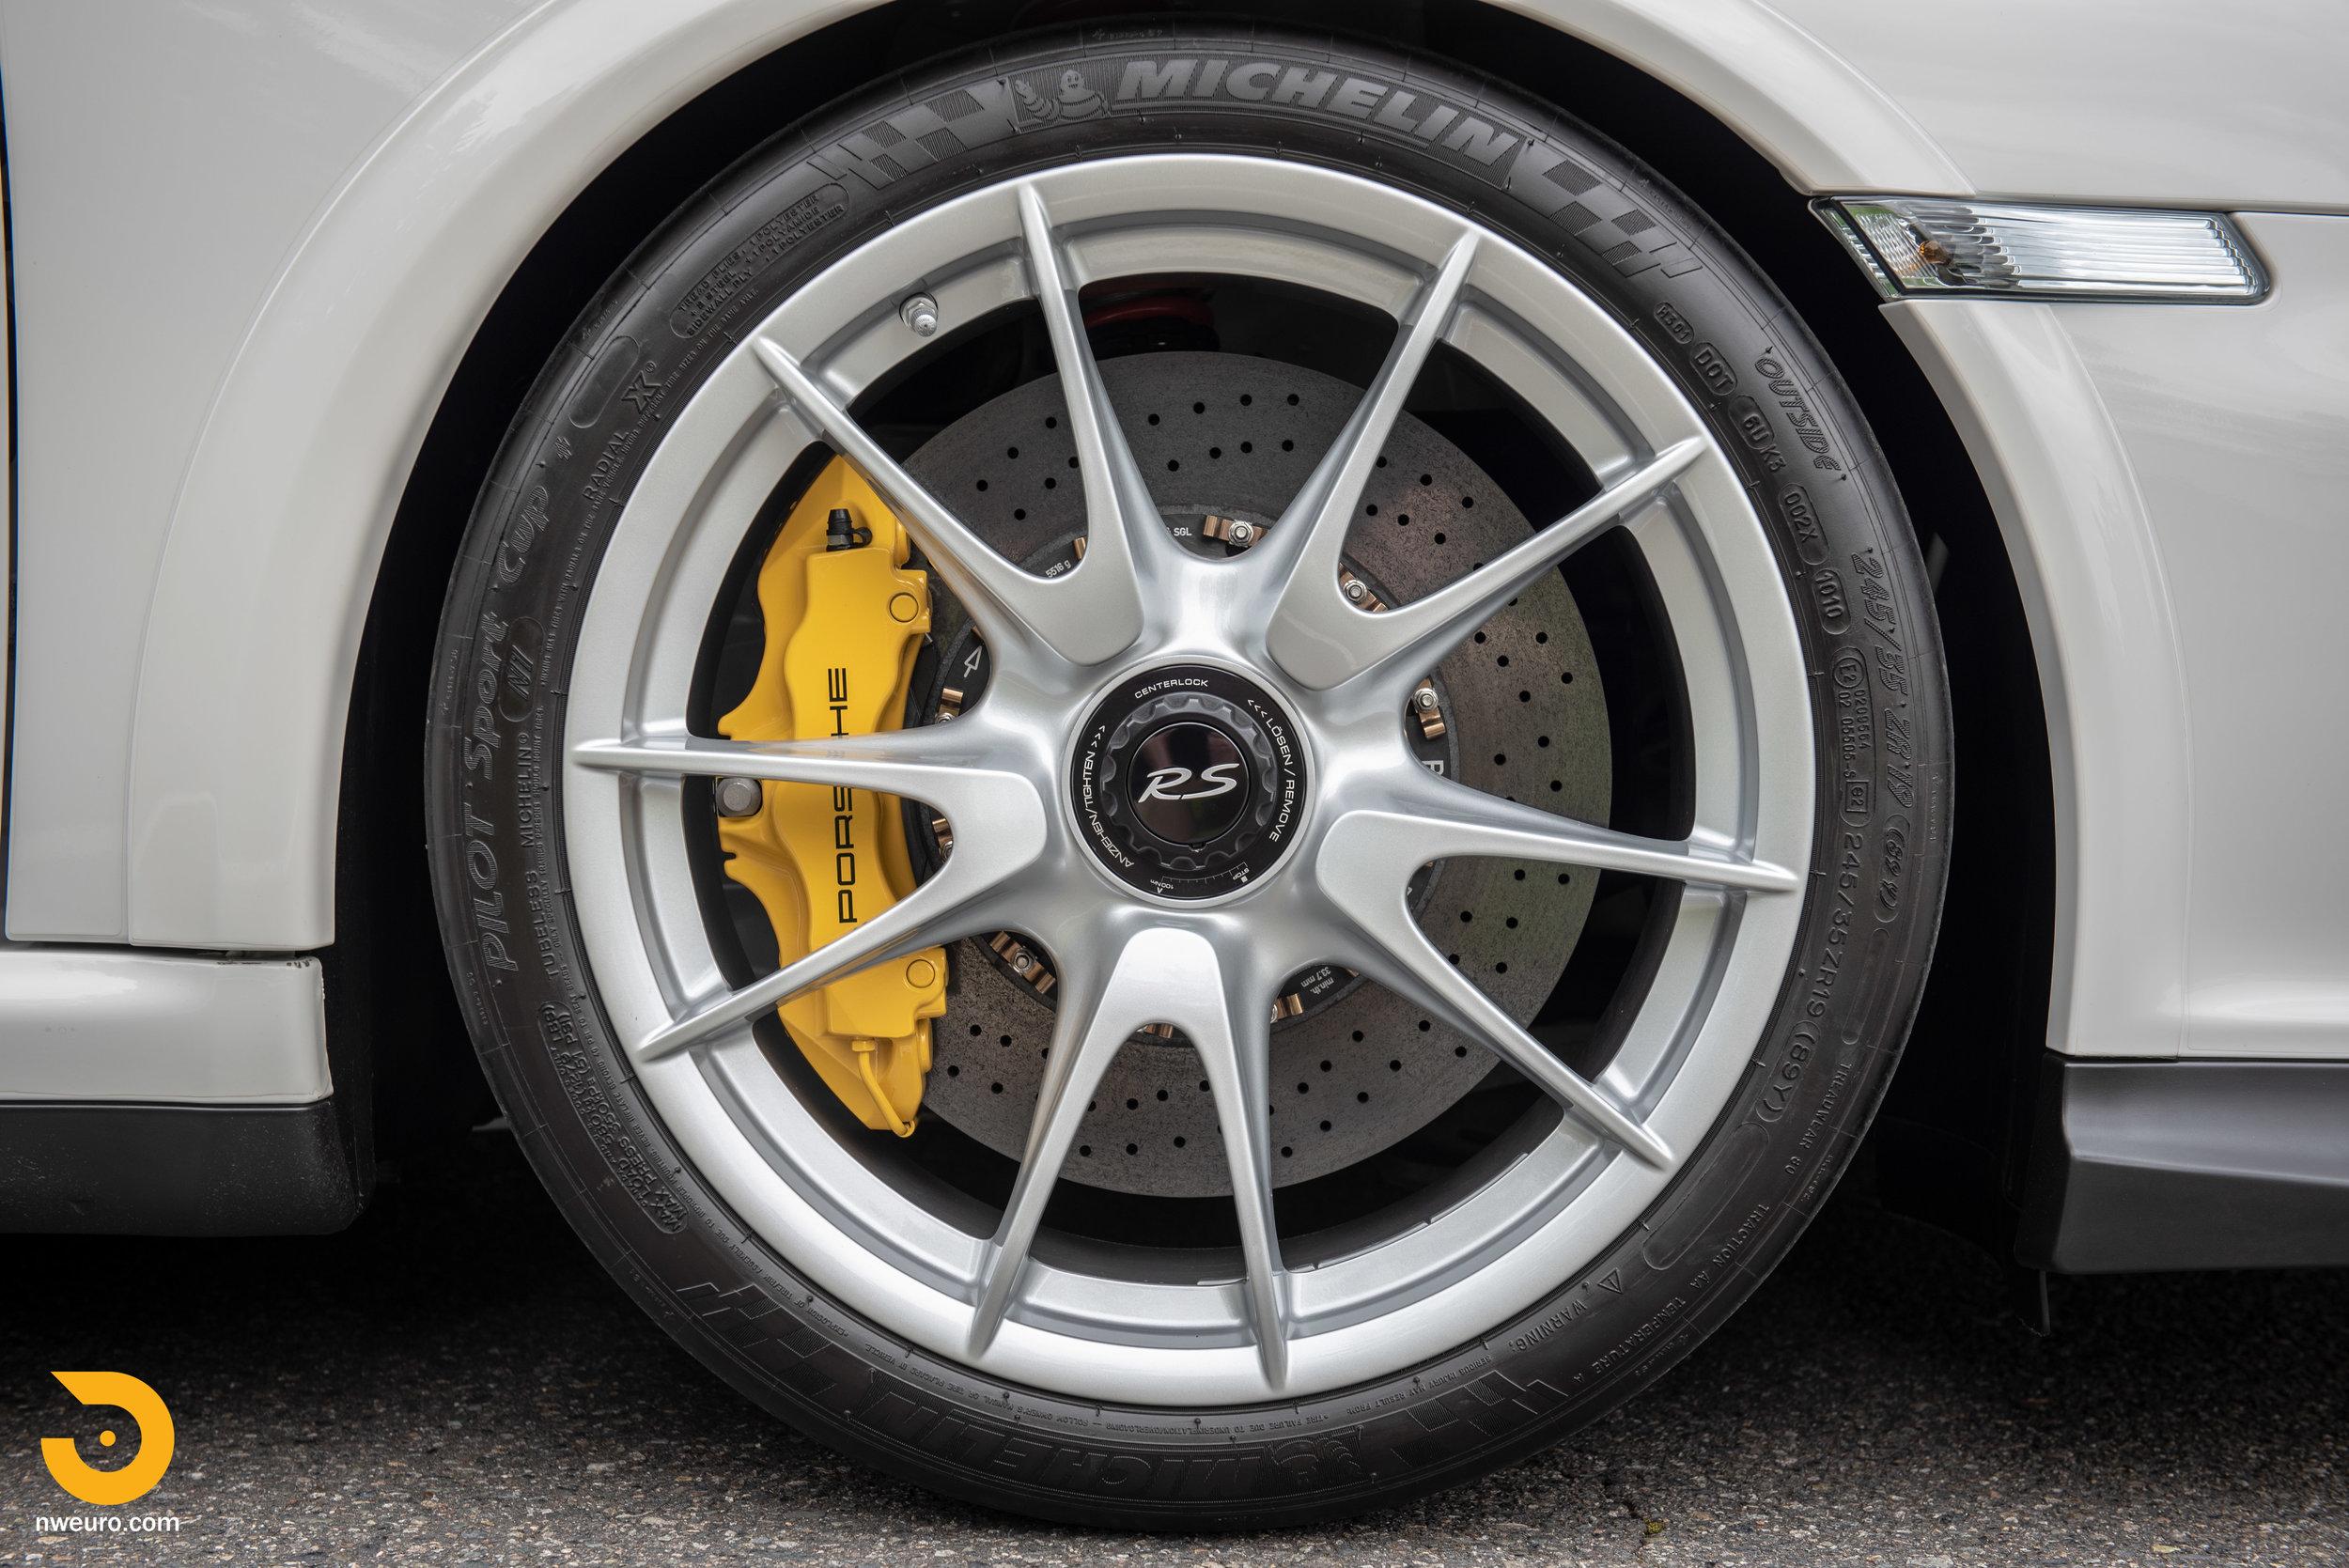 2011 Porsche GT3 RS-26.jpg